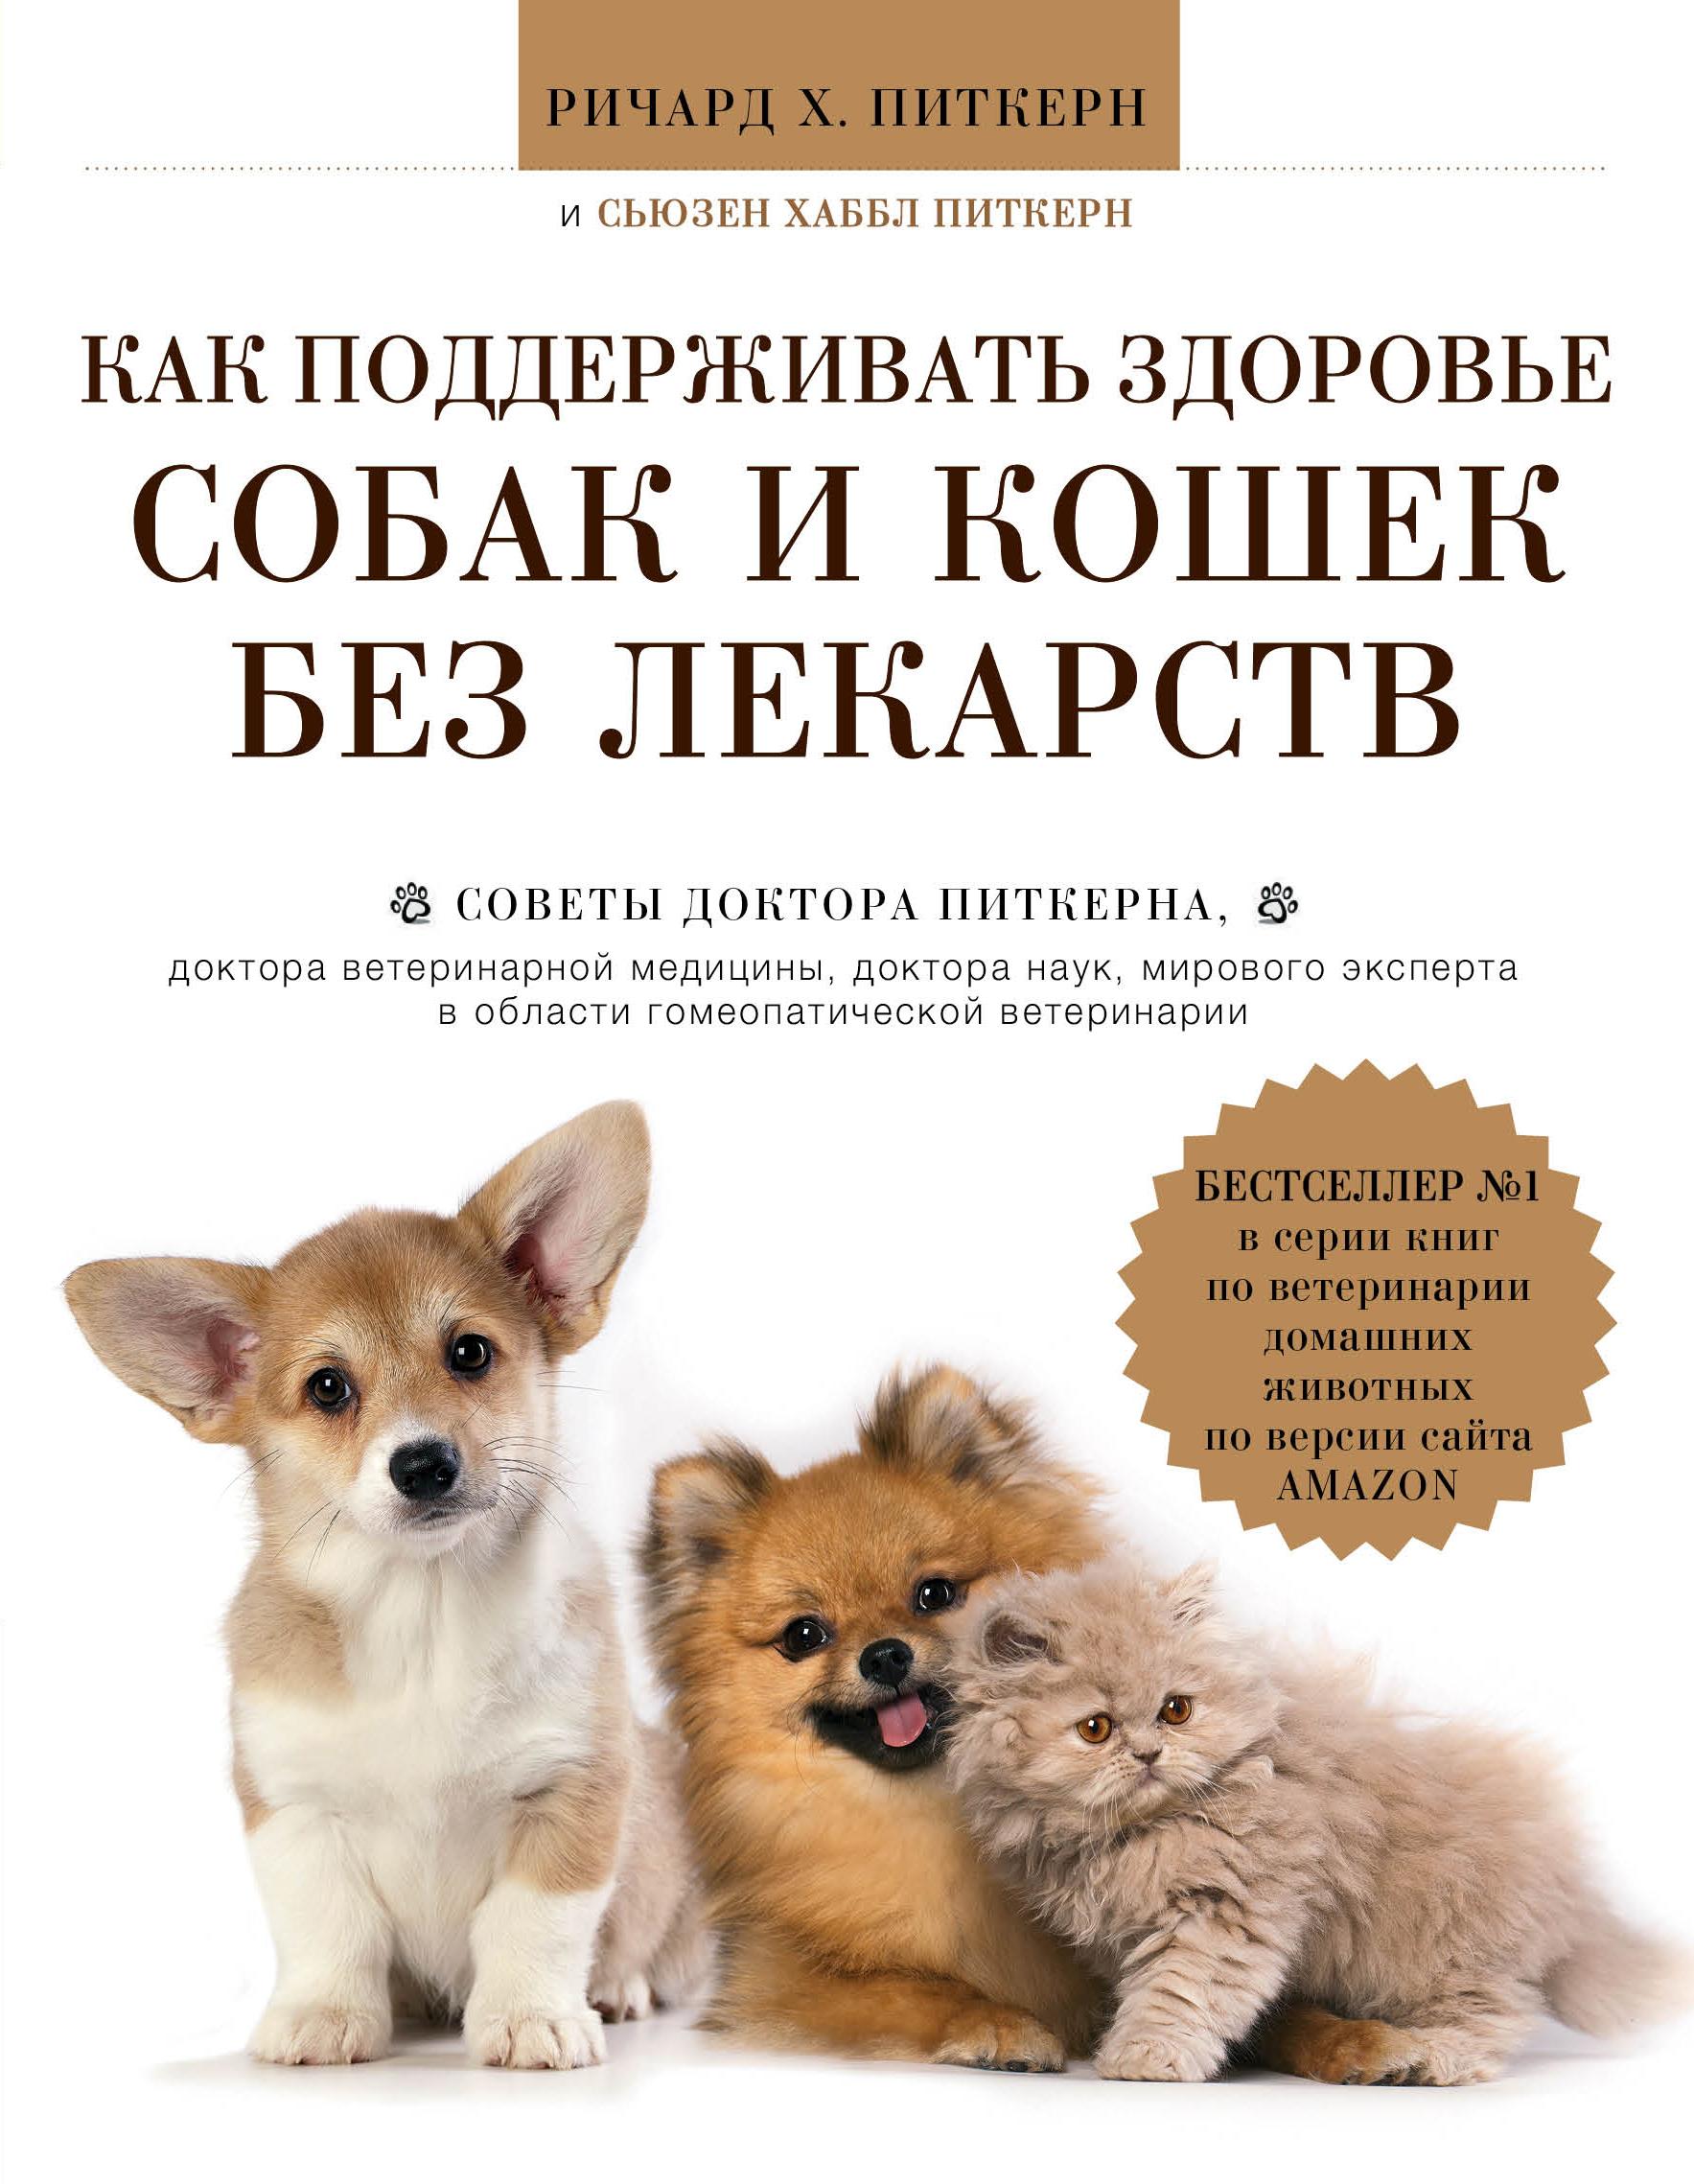 Как поддерживать здоровье собак и кошек без лекарств ( Питкерн Р., Питкерн С.  )